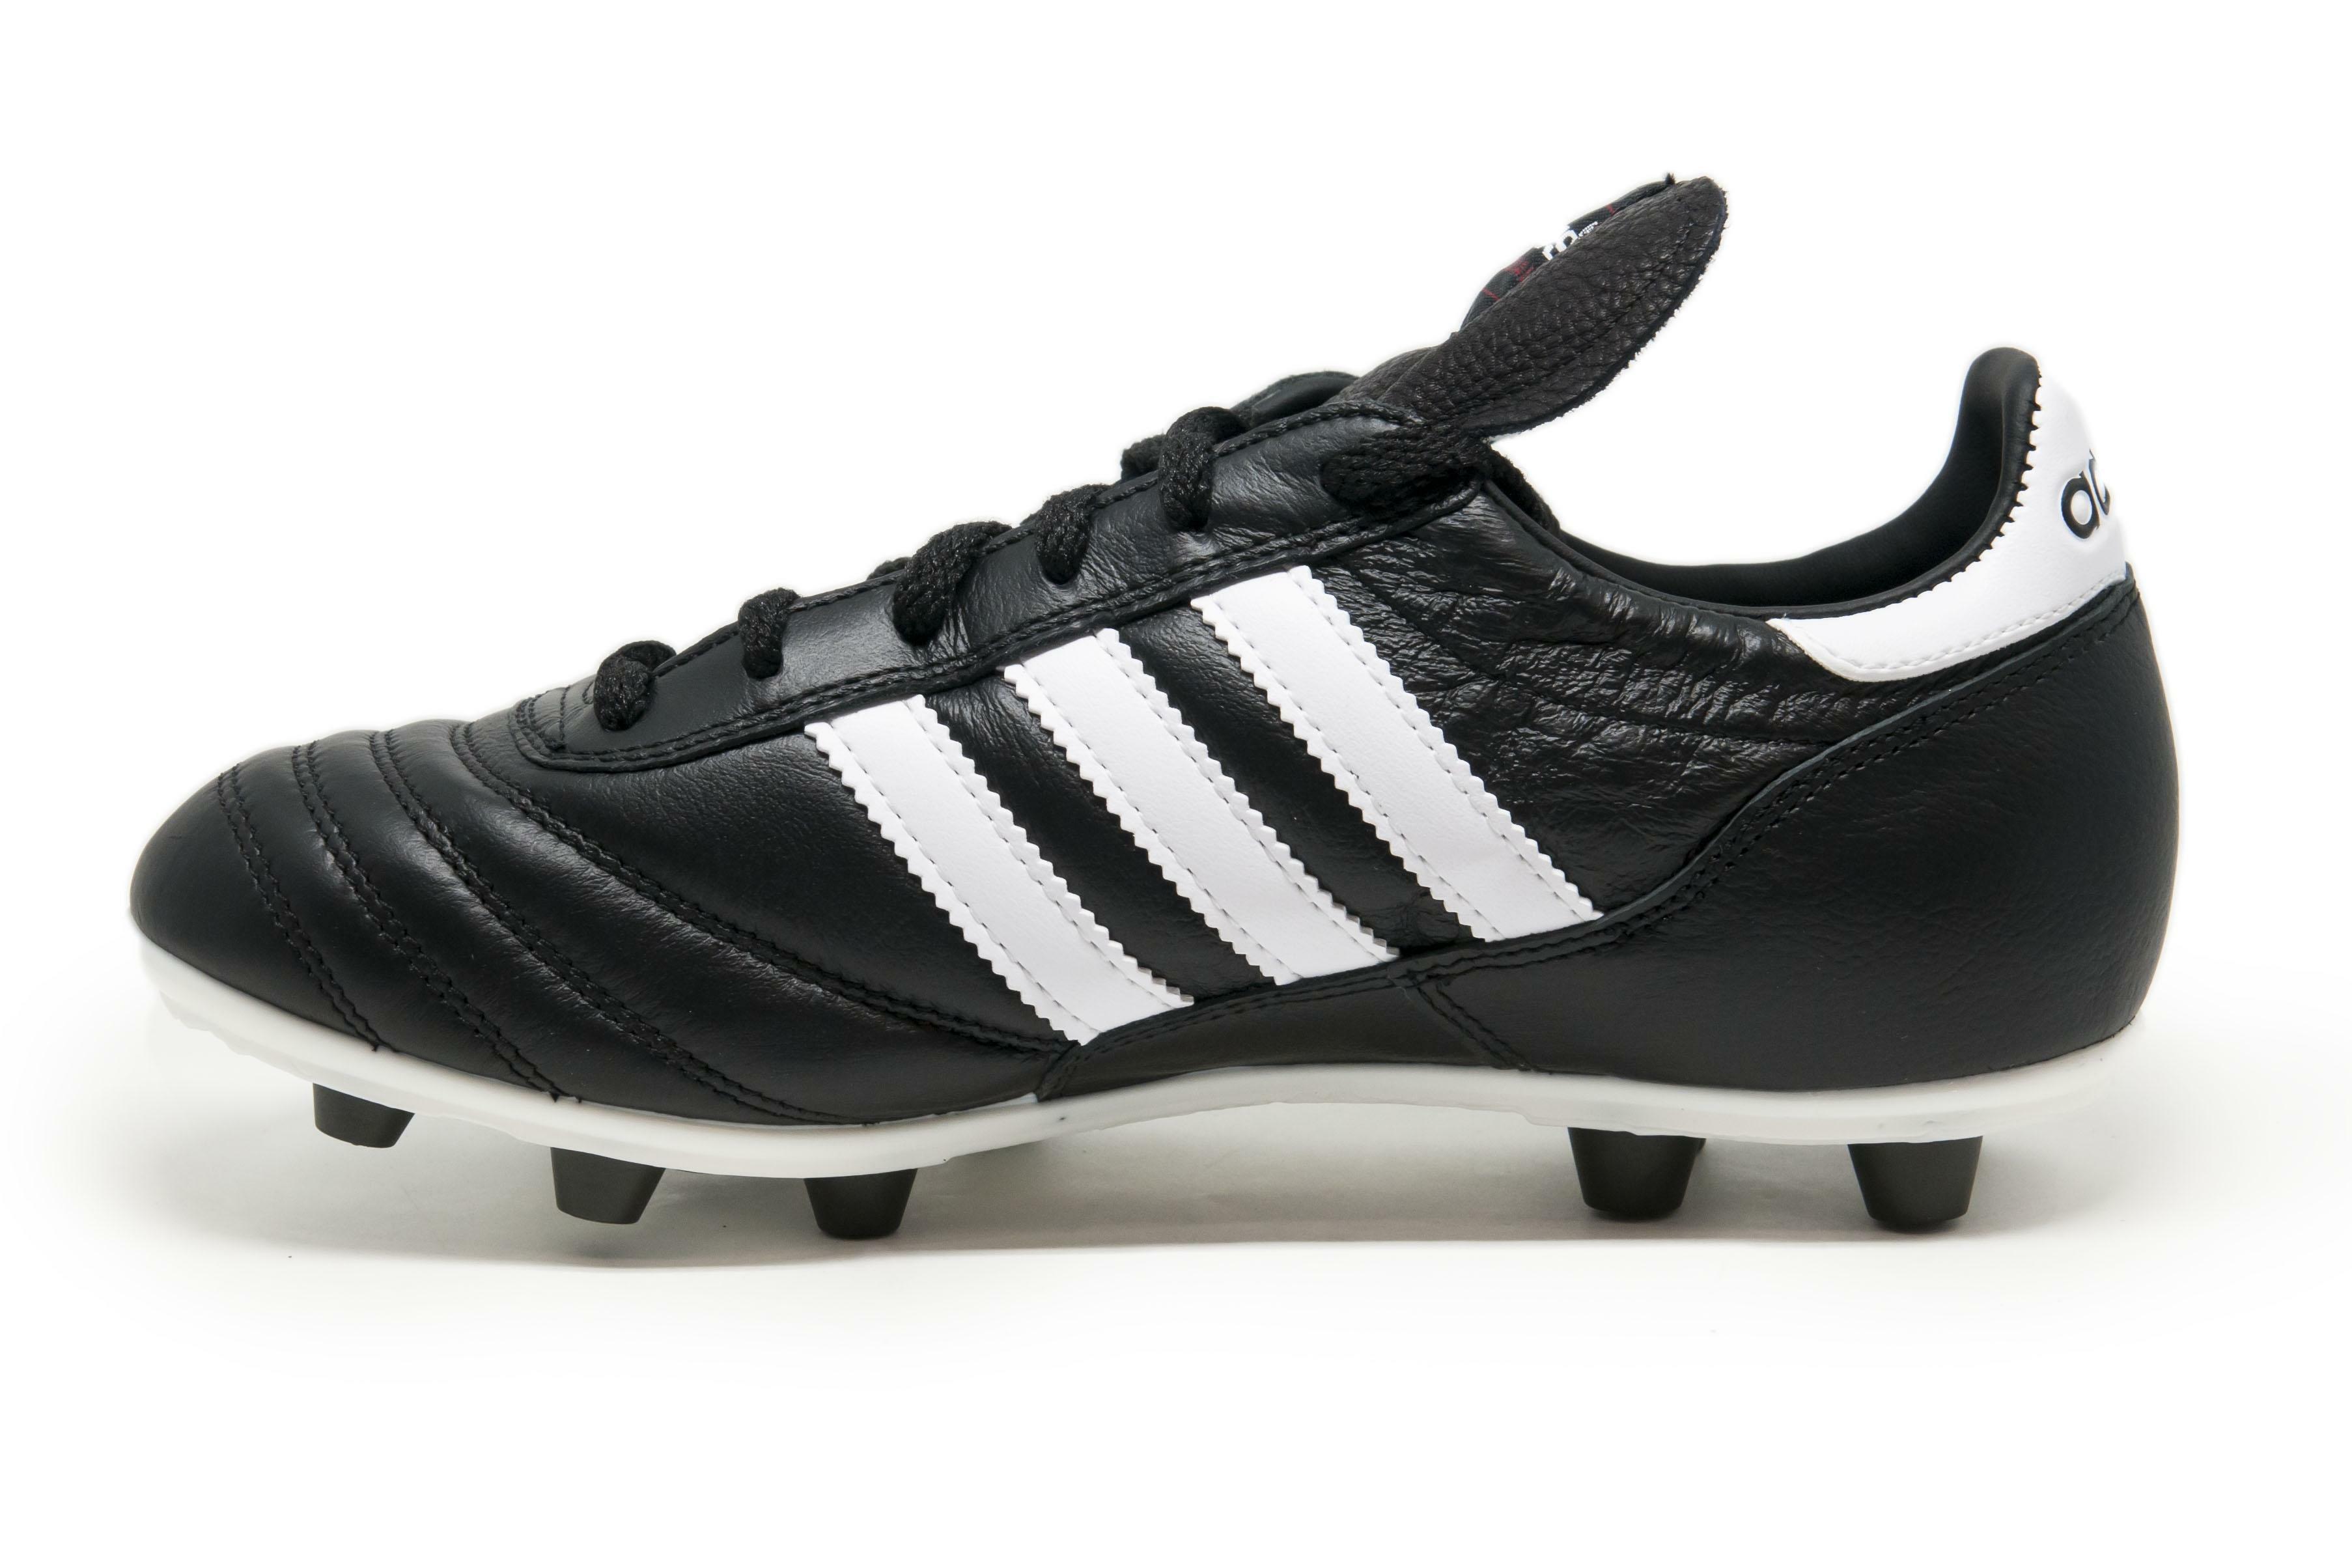 adidas adidas scarpa calcio copa mundial